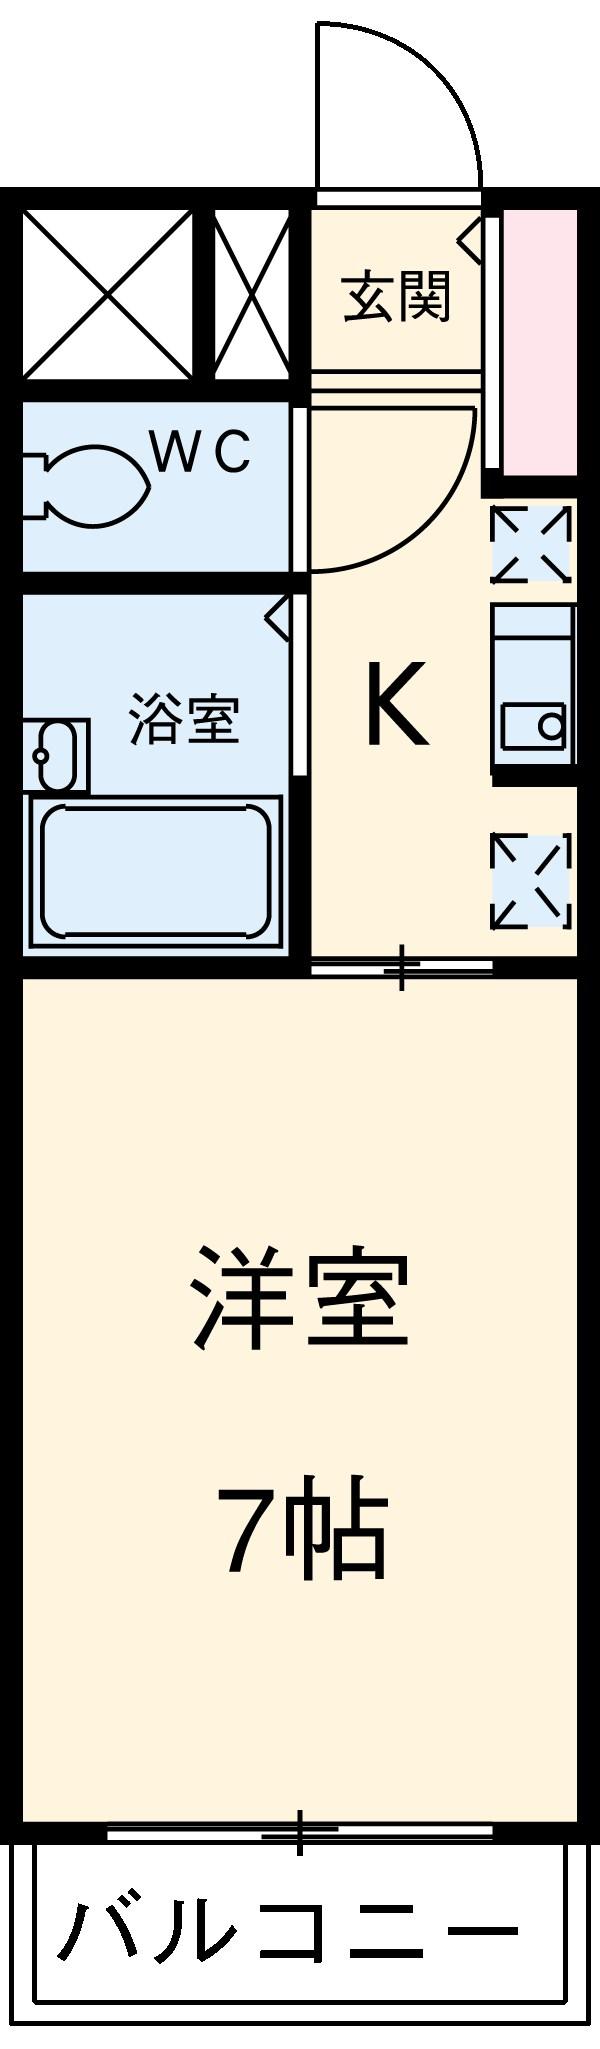 スプリングイセヤマ 603号室の間取り